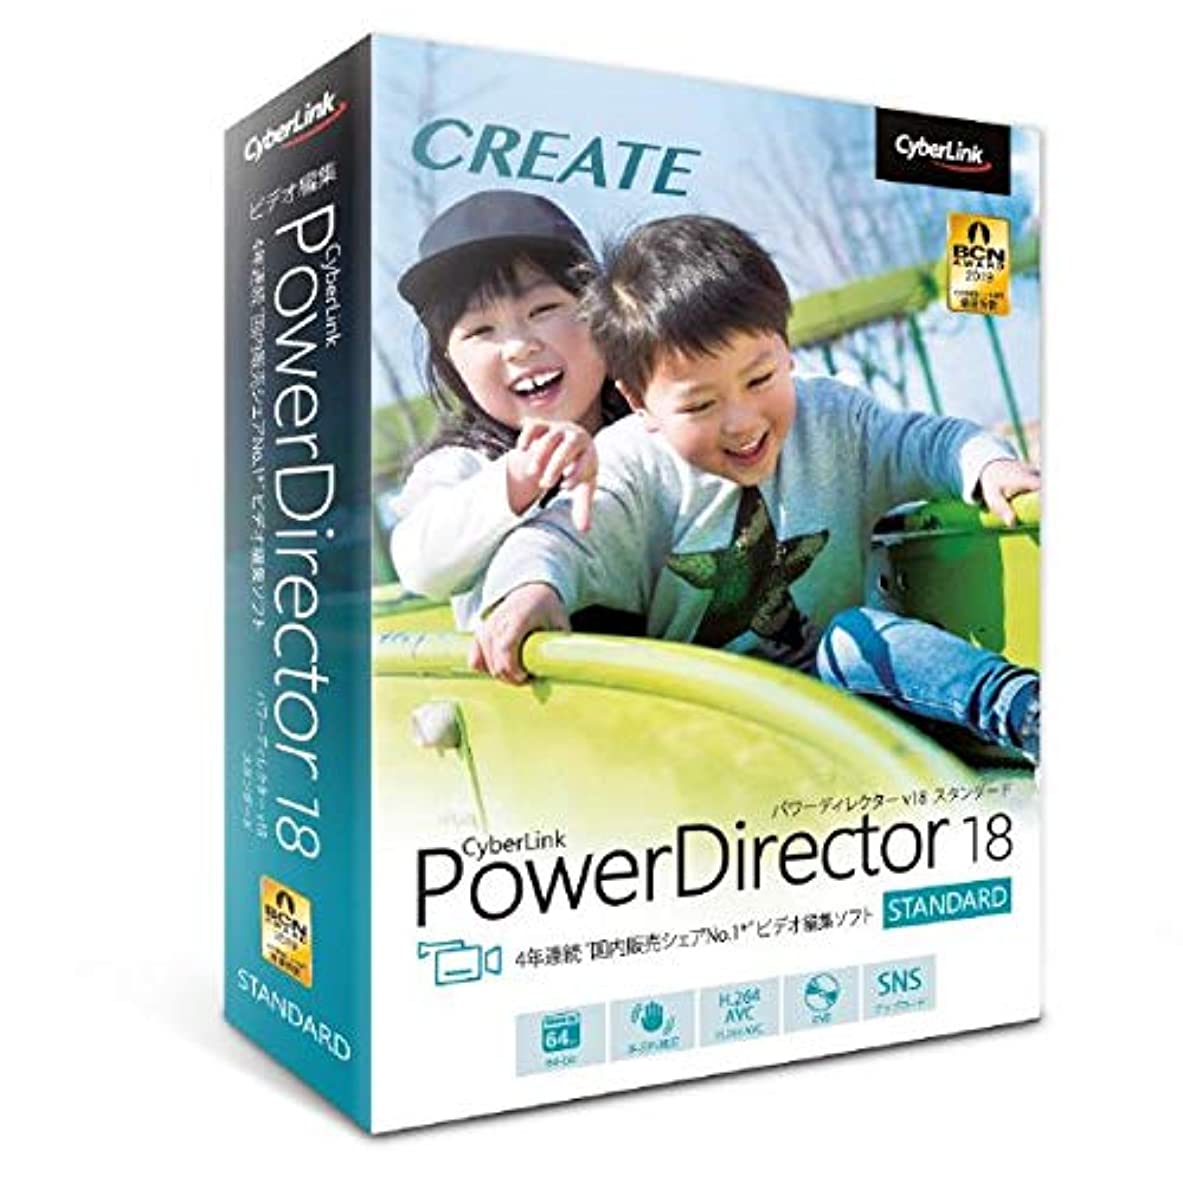 筋会員逃げる【最新版】PowerDirector 18 Standard 通常版